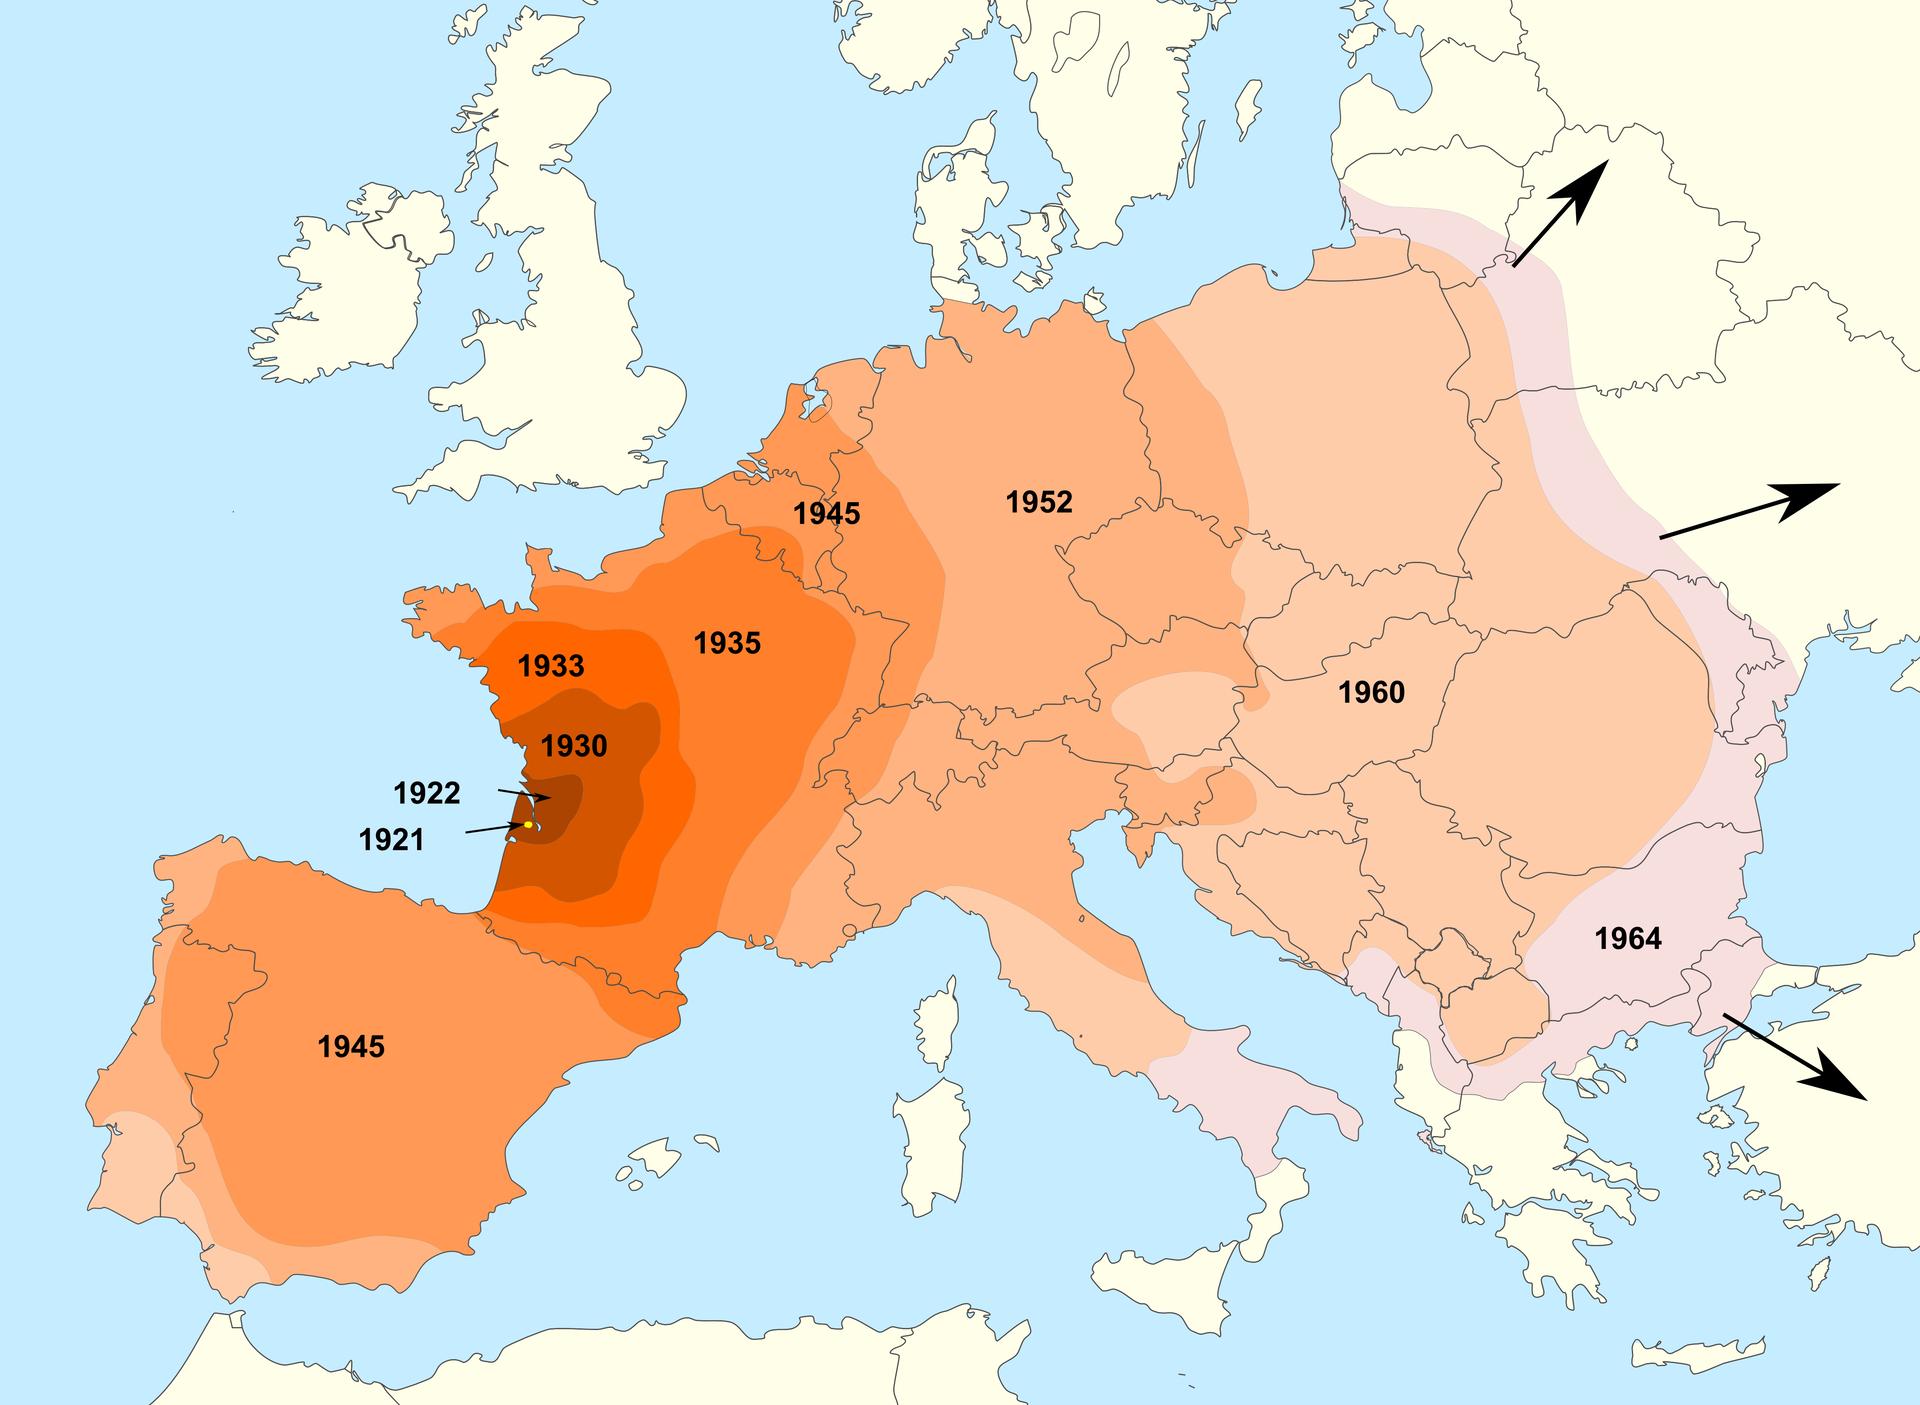 Ilustracja przestawia mapę Europy. Kraje zaznaczono konturami na białym tle. Kolorami od lewej od roku 1921 oznaczono kolejne etapy rozprzestrzeniania się stonki. Ostatni kolor ma rok 1964. Prowadzą od niego czarne strzałki wwielu kierunkach, co oznacza, że ekspansja stonki nadal trwa.